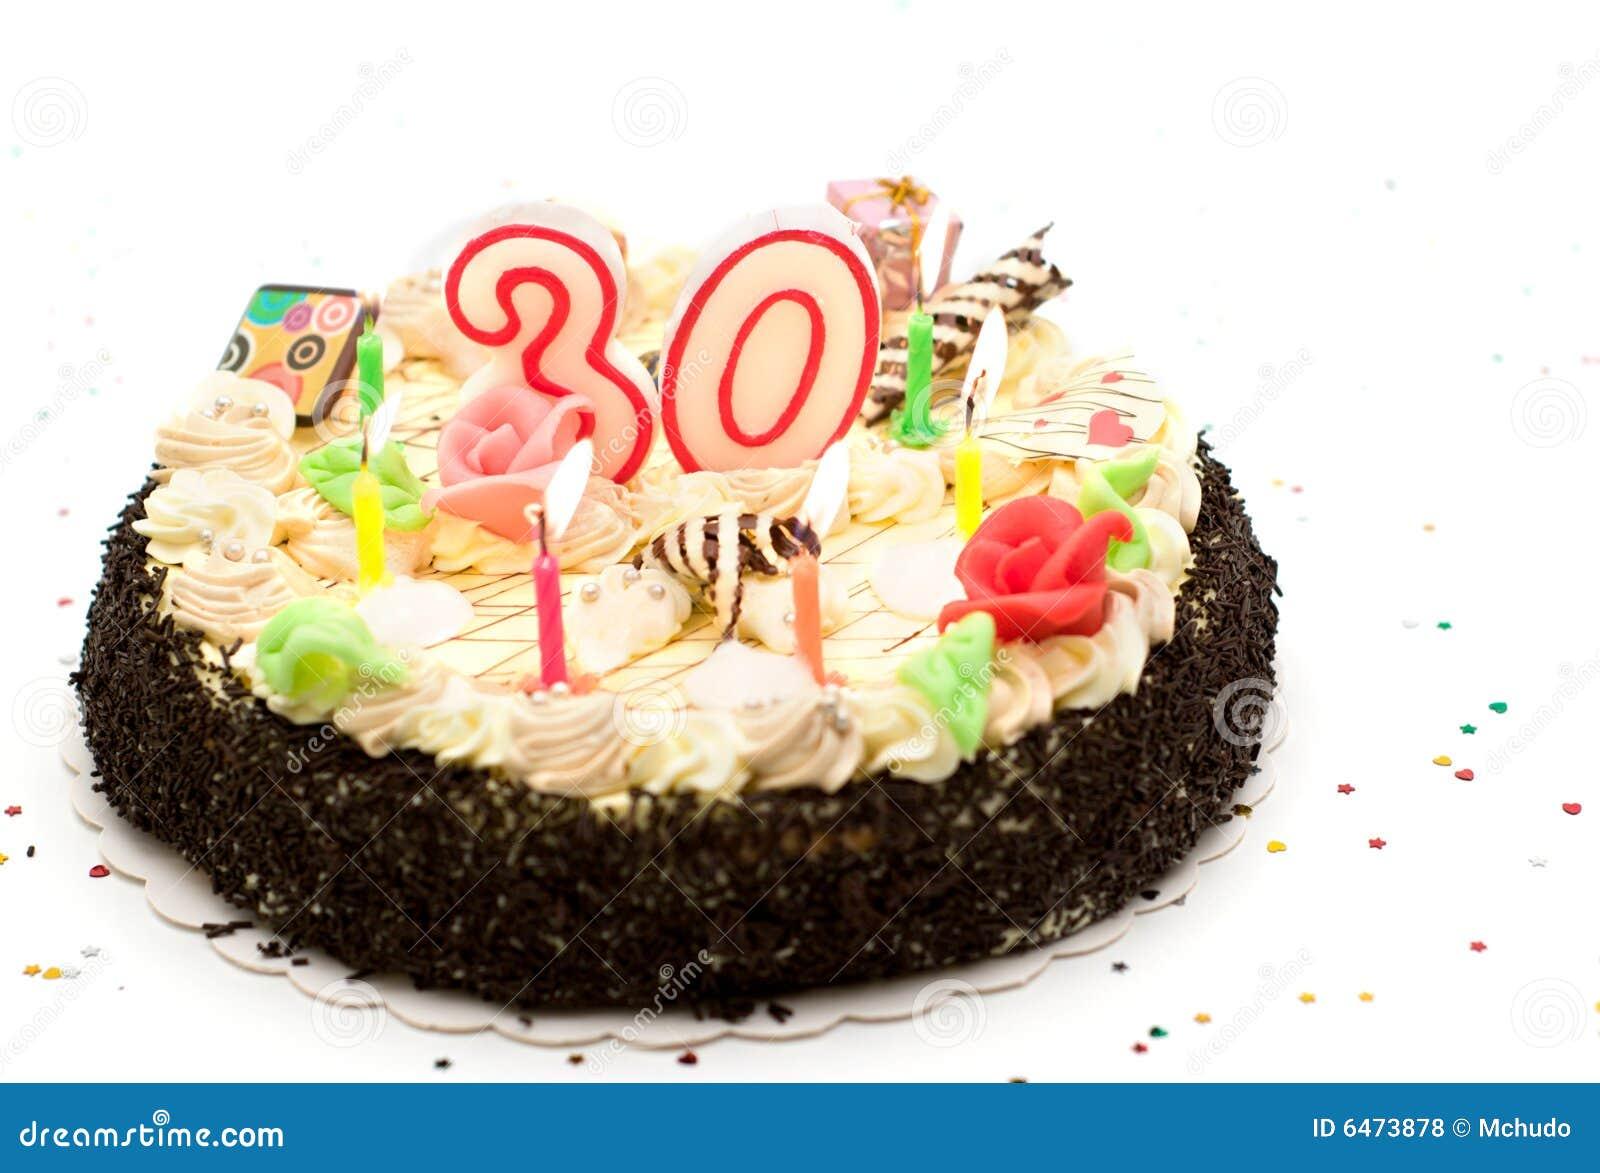 Поздравление с юбилеем в 30 лет брату от брата и жены